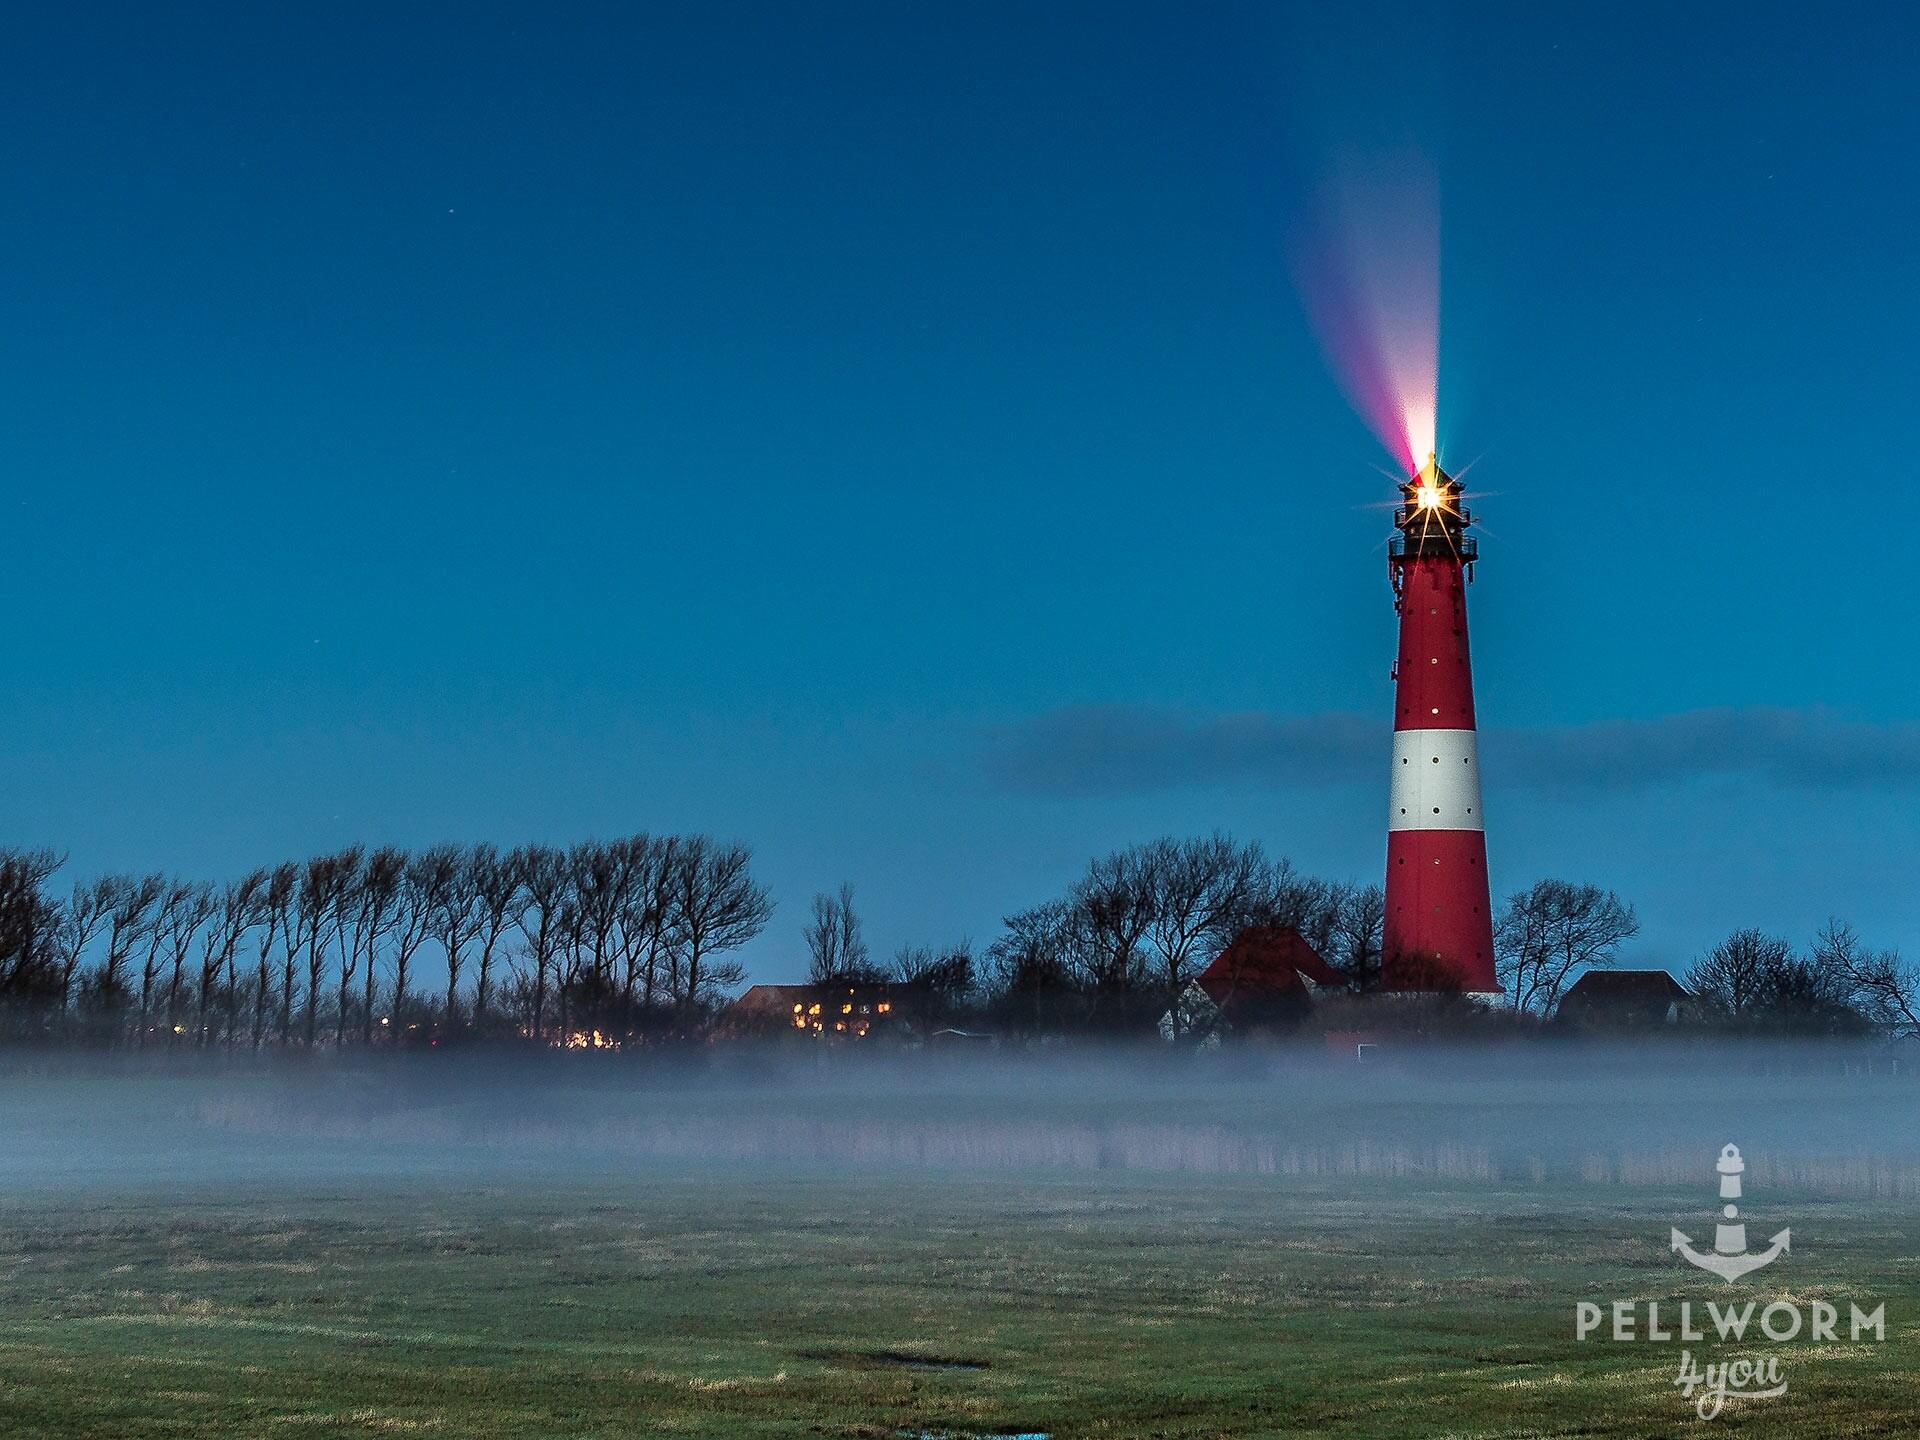 Der Leuchtturm von Pellworm in der Abenddämmerung. Er schickt seine Lichtsignale in den dunkelblauen Himmel. Bodennebel legt sich über die Wiesen vor dem Leuchtfeuer.